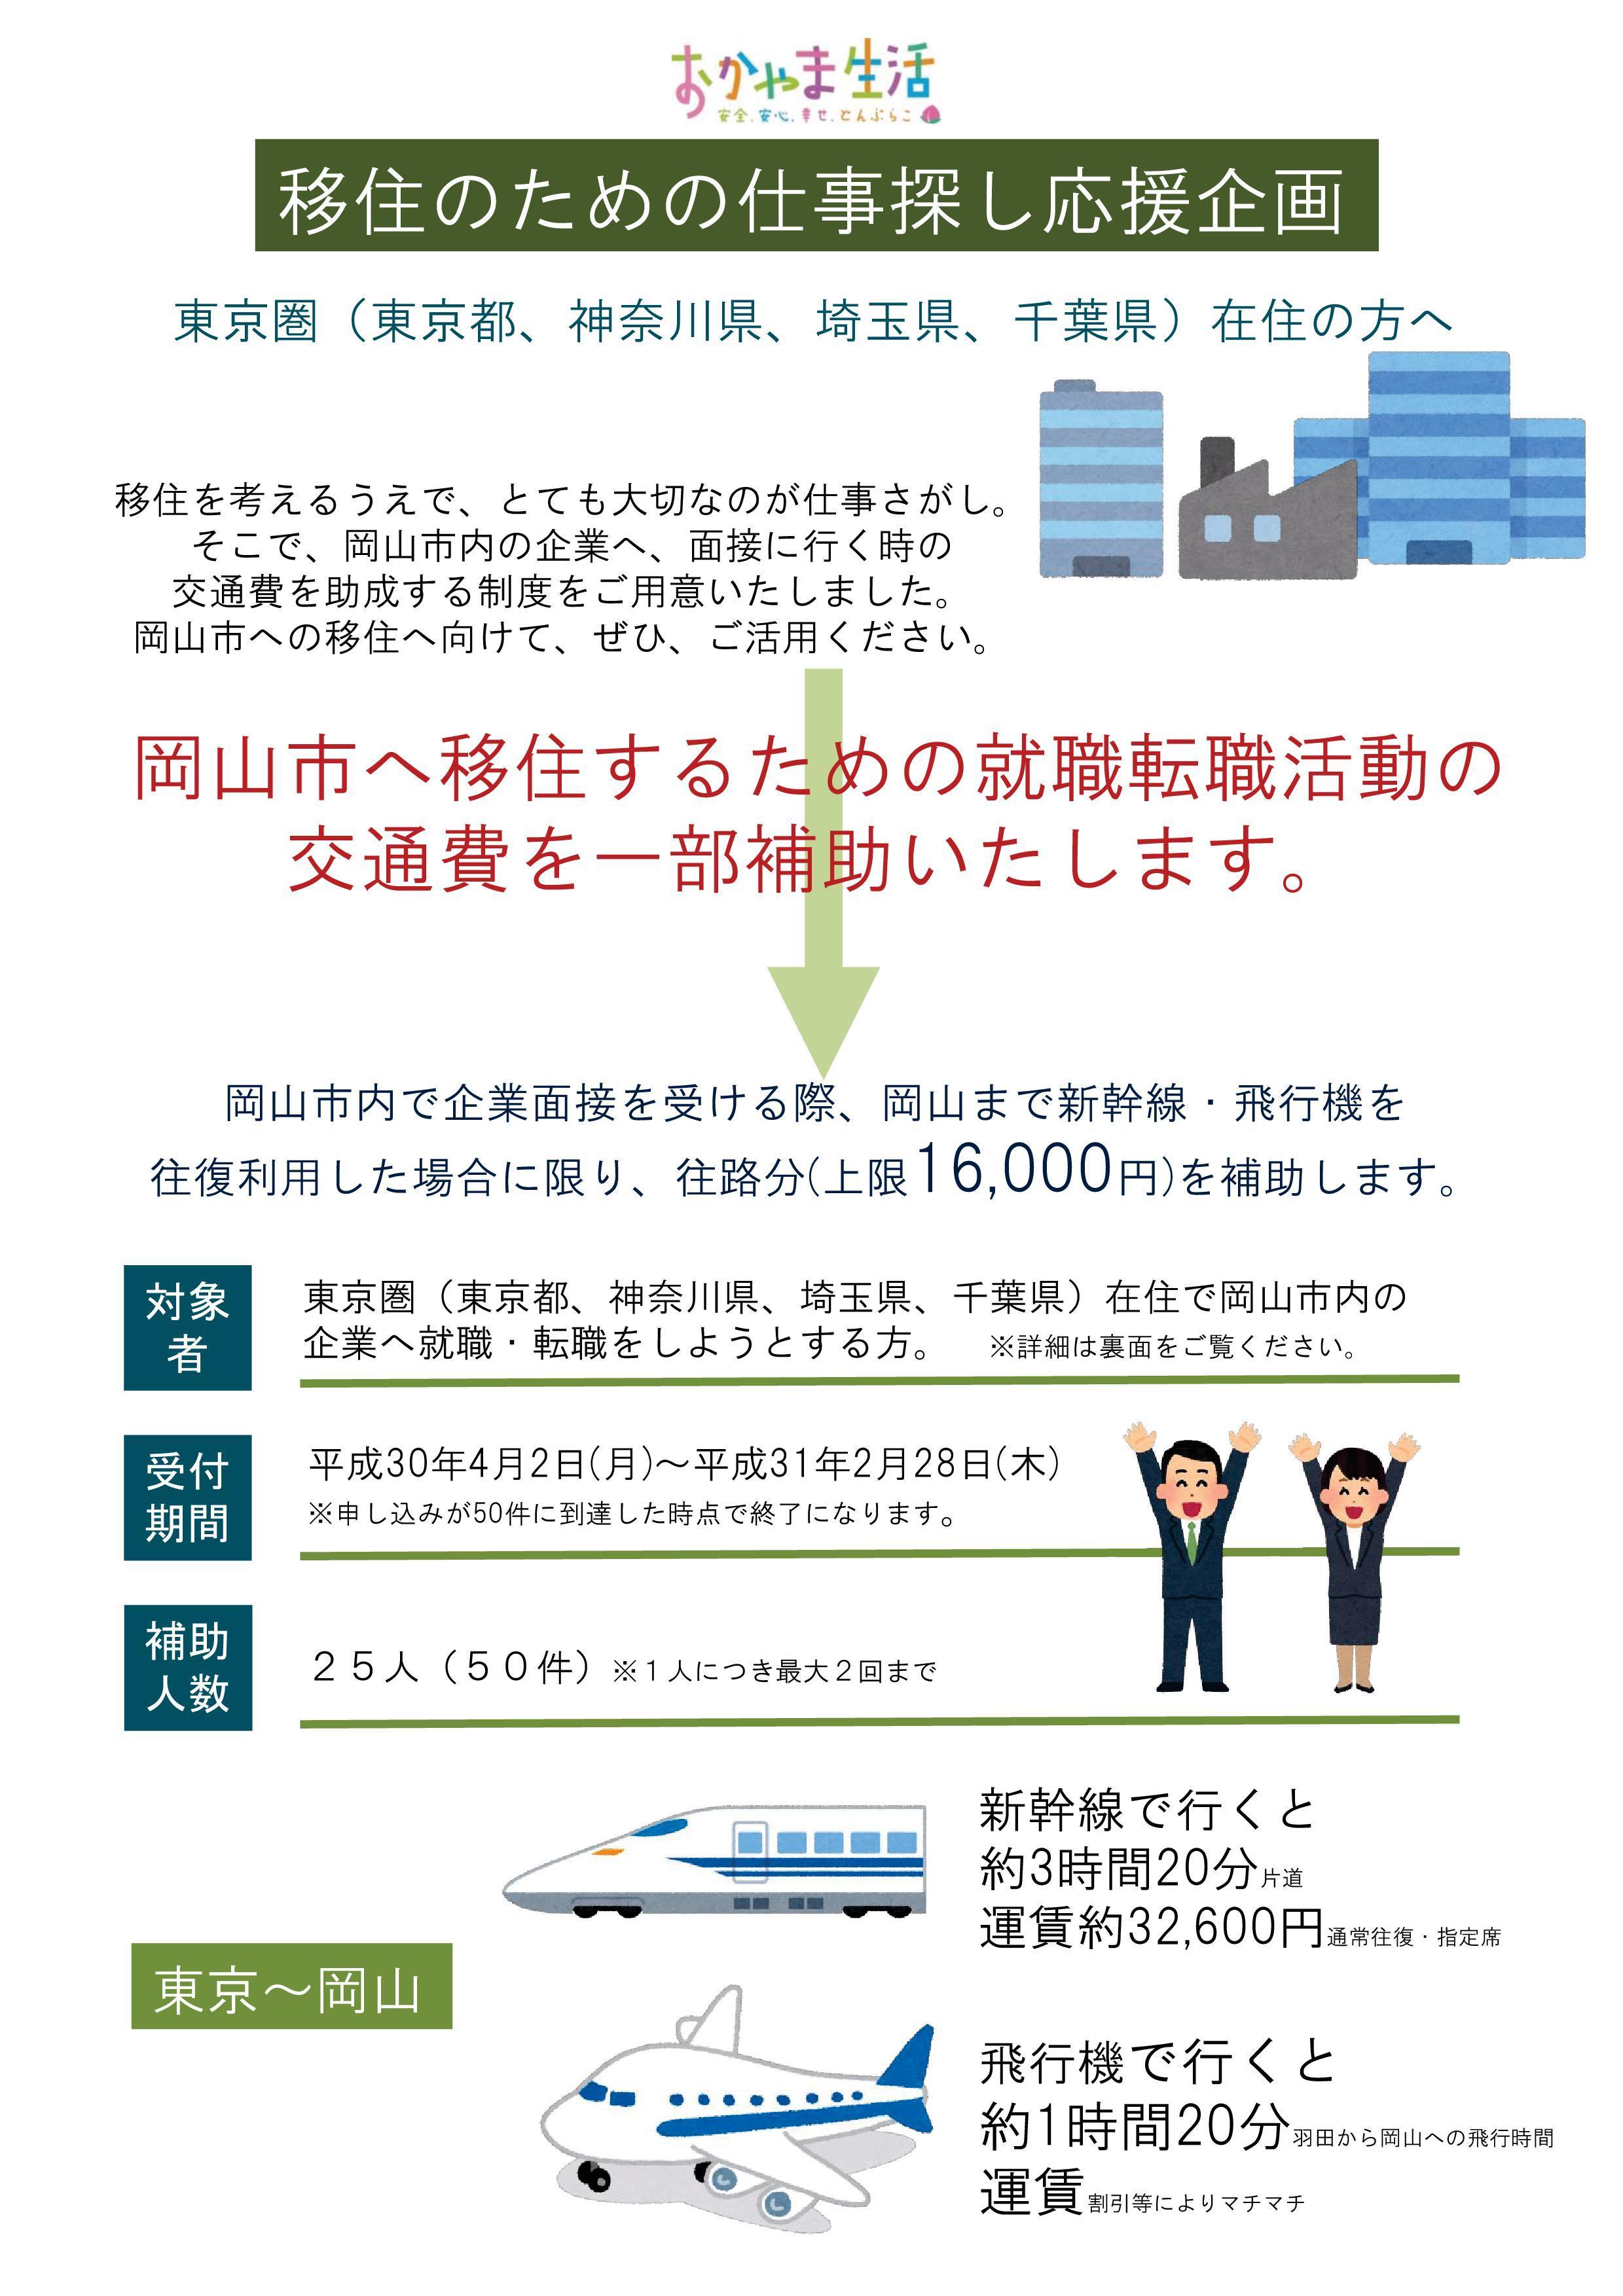 【補助金】移住のための就職・転職活動交通費助成のご案内